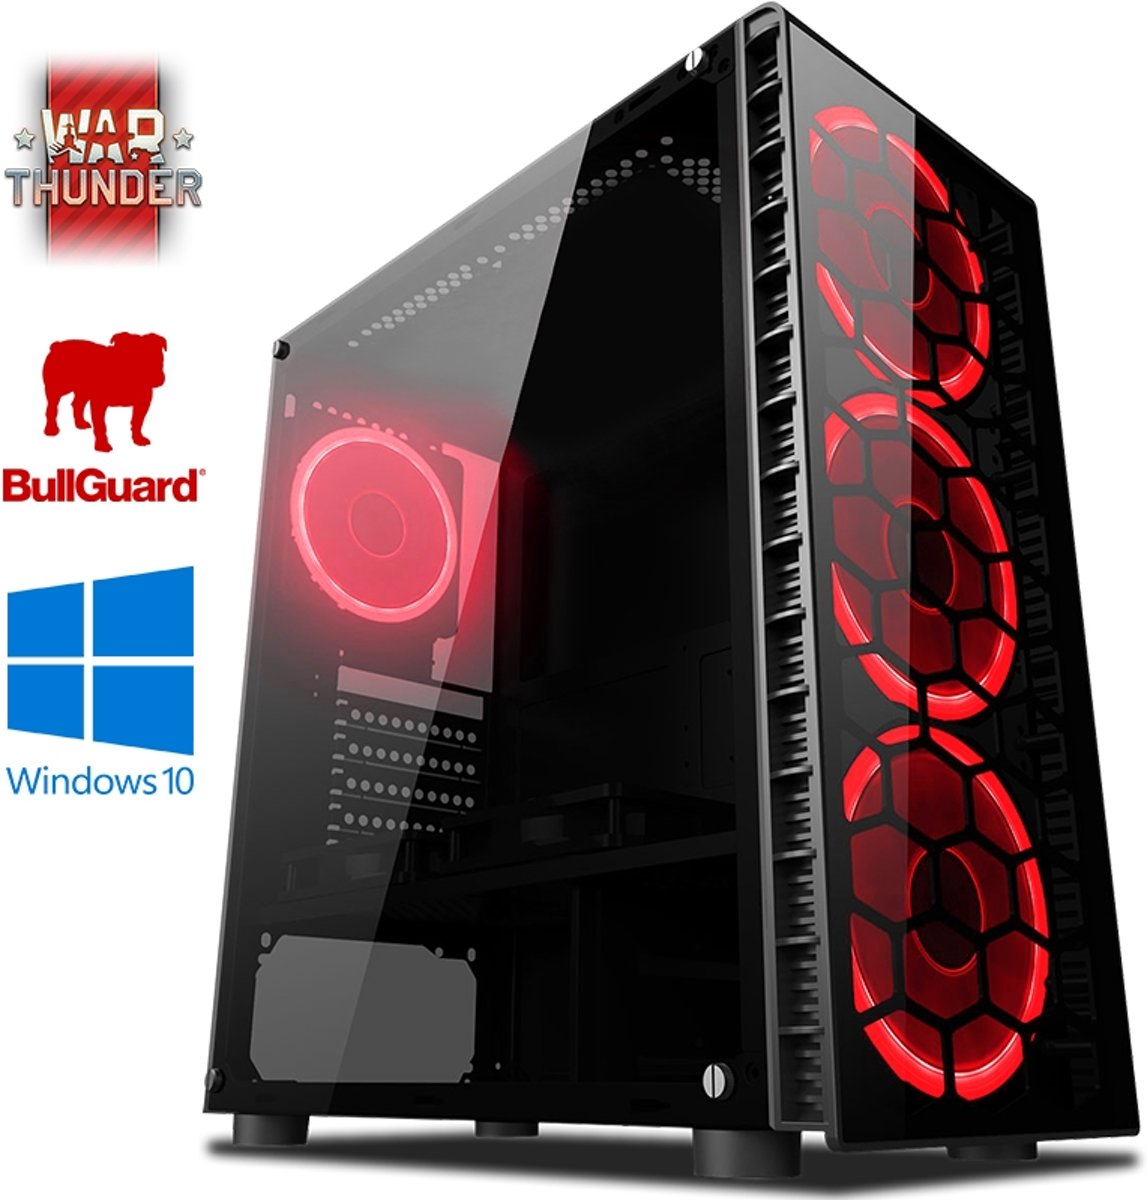 Vibox Gaming Desktop Pyro GS460-111 - Game PC